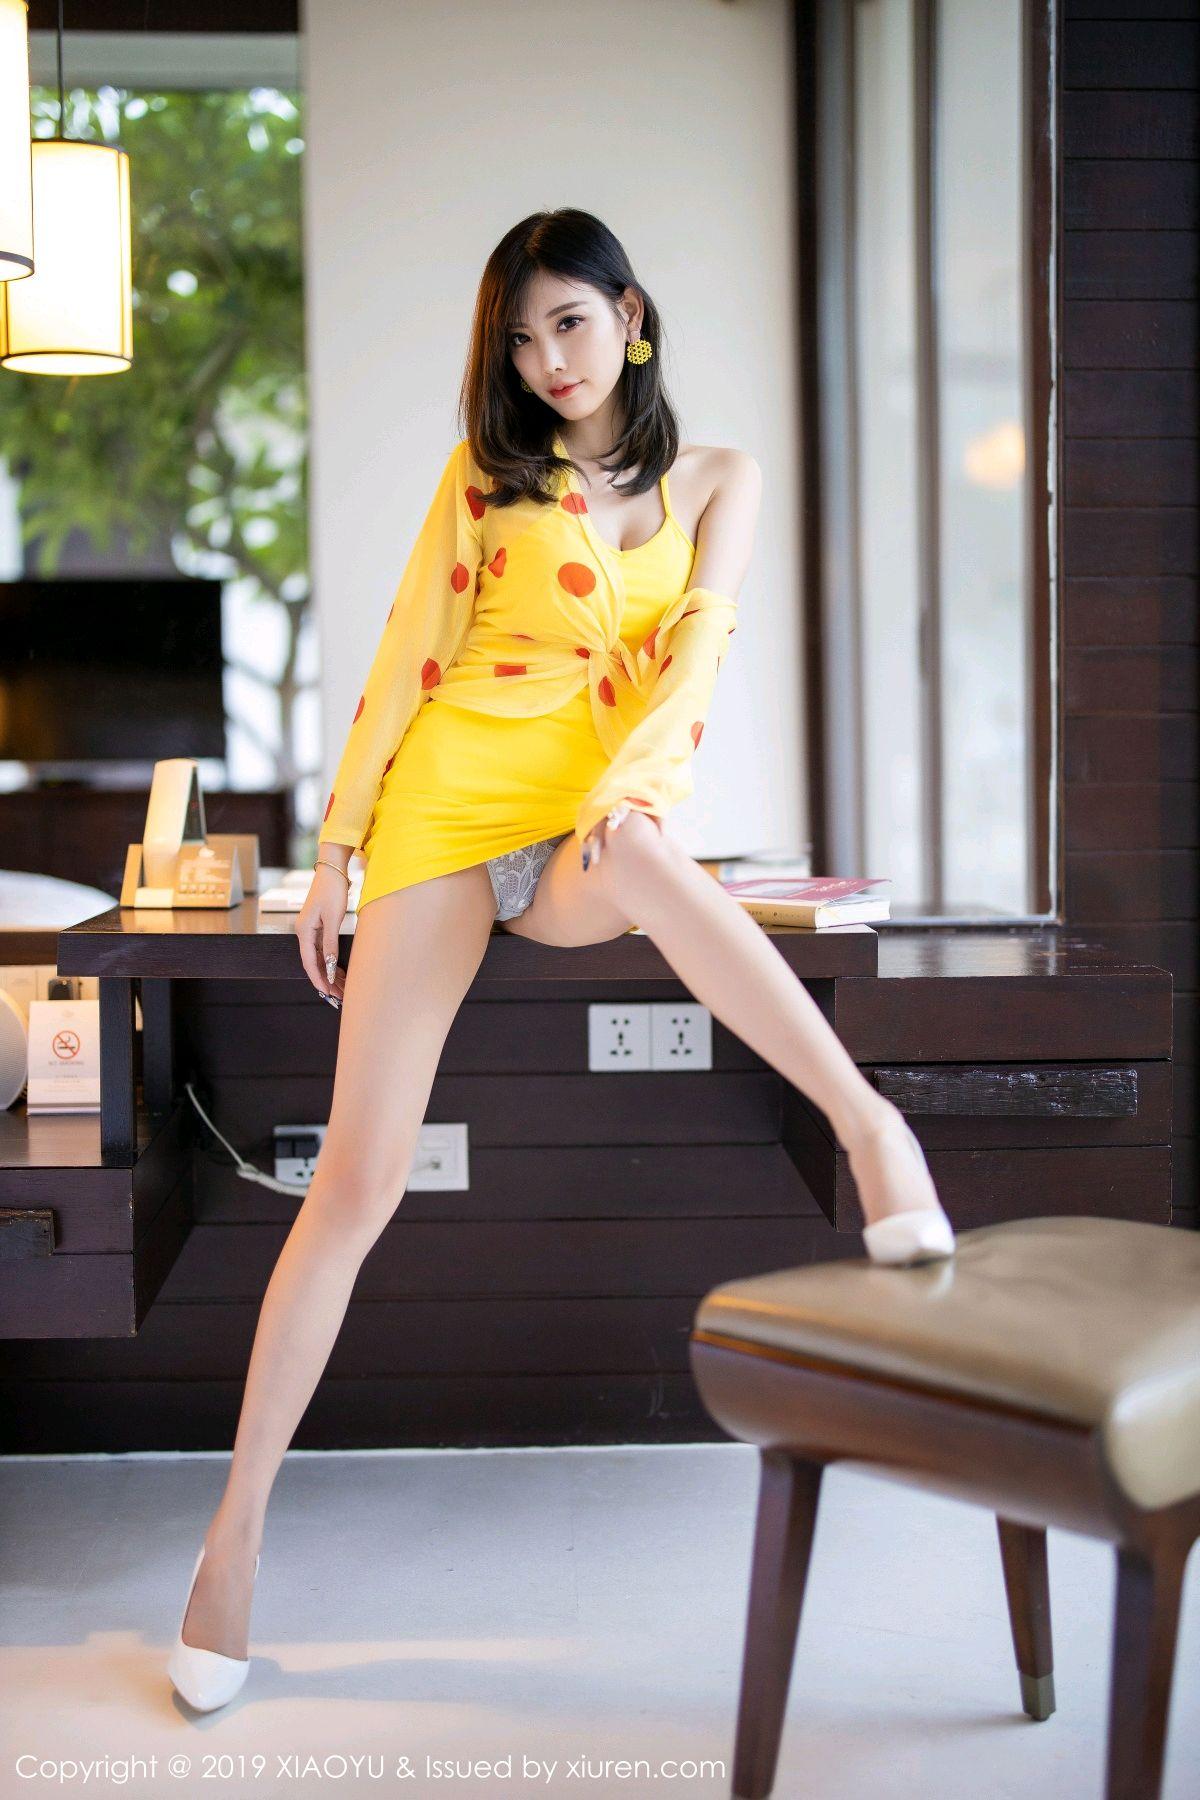 [XiaoYu] VOL.204 Yang Chen Chen 14P, Pure, XiaoYu, Yang Chen Chen